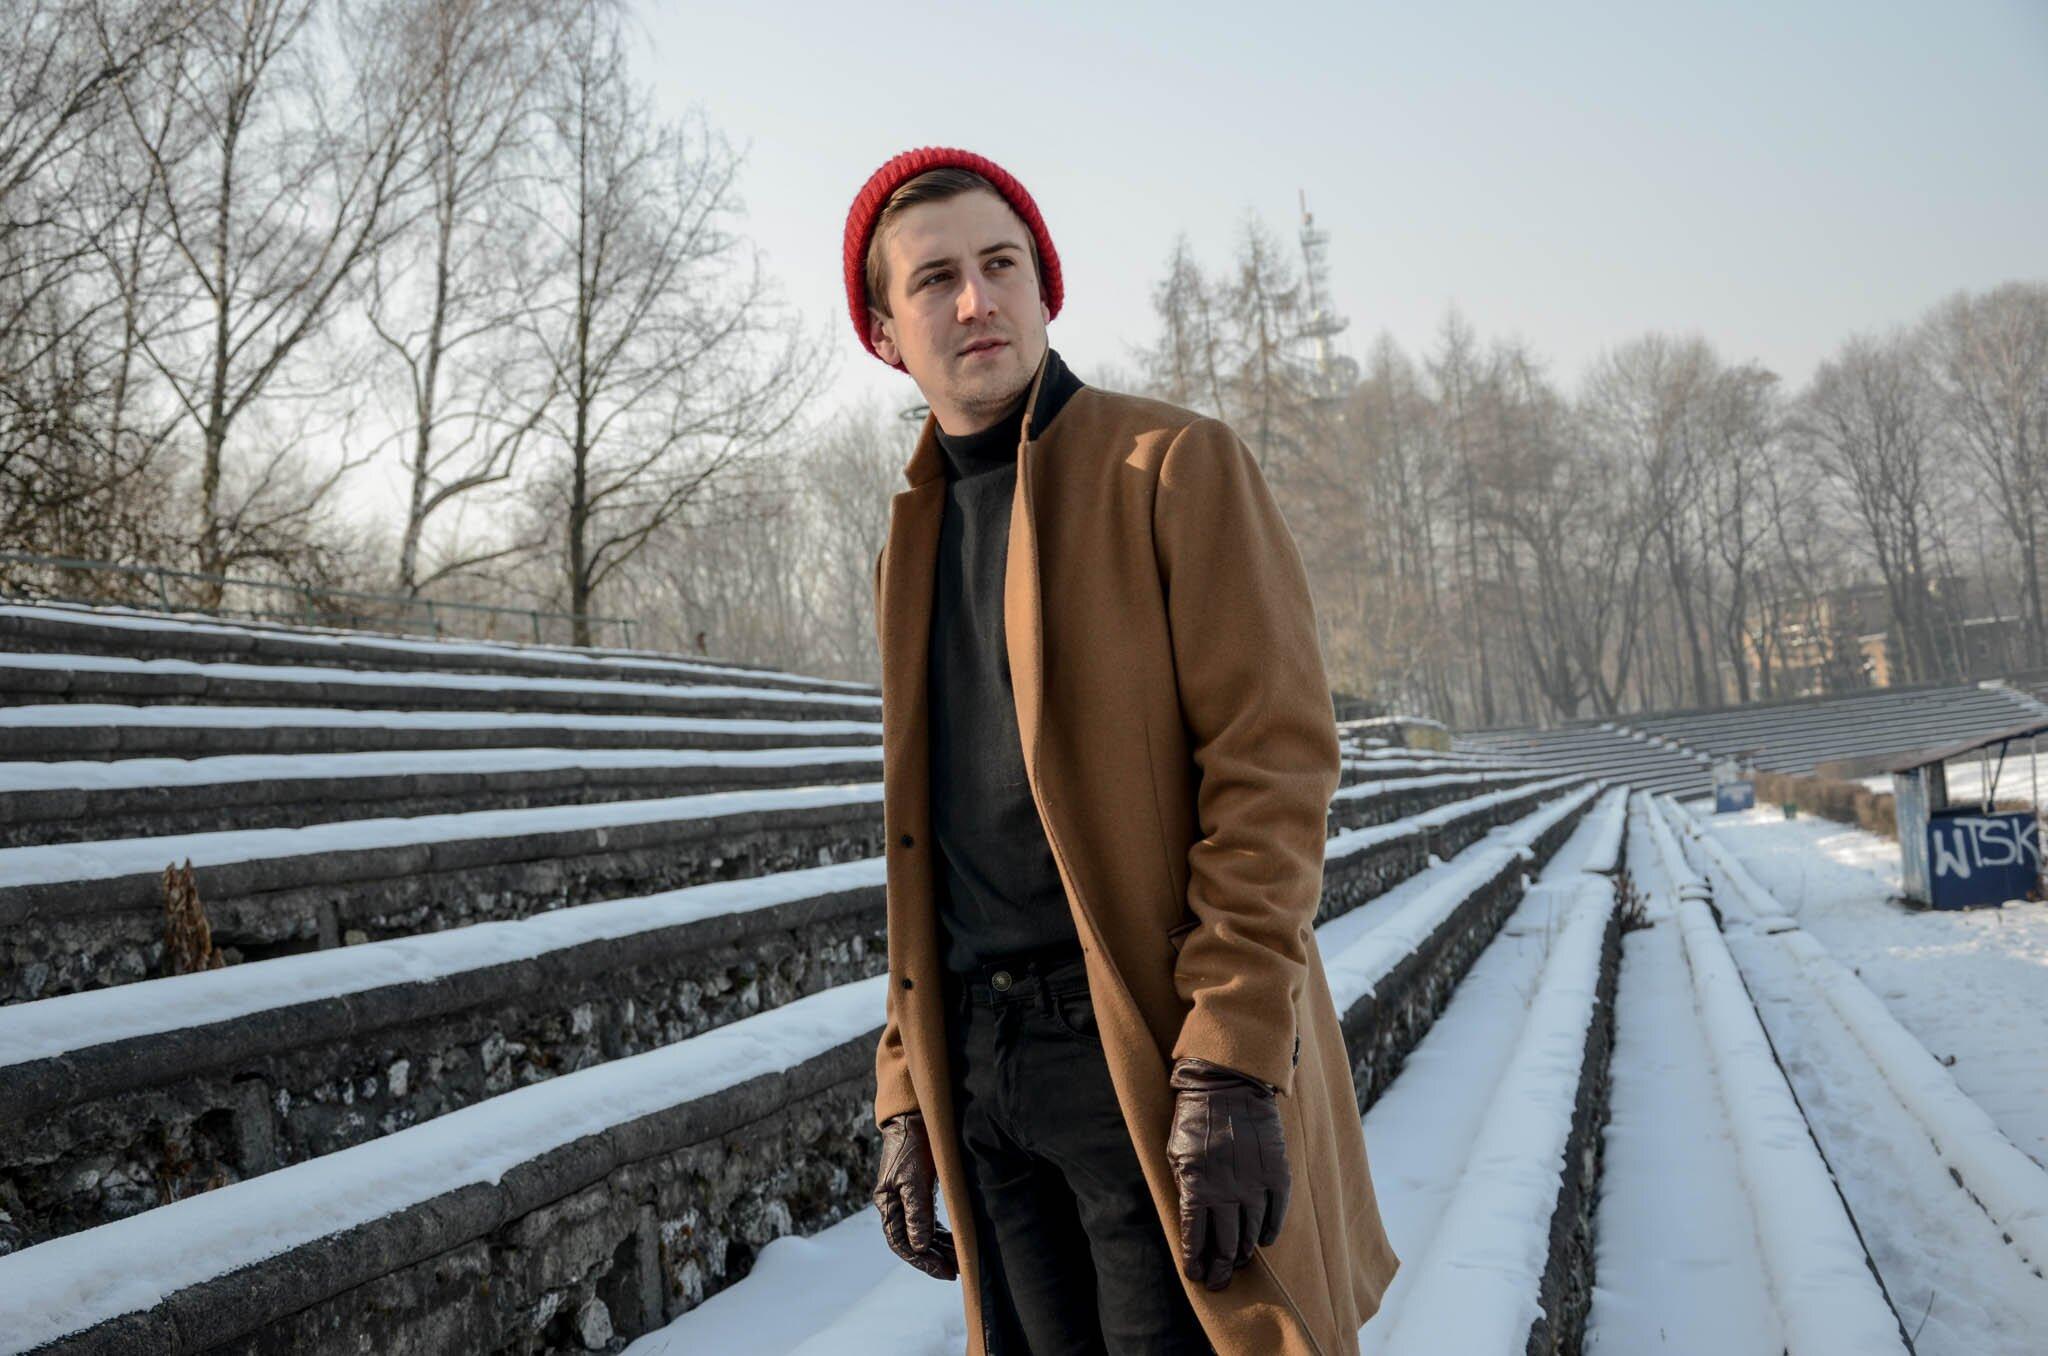 Zimowy causal, Mężczyzna zimą, Moda męska w zimie, Mężczyzna w golfie